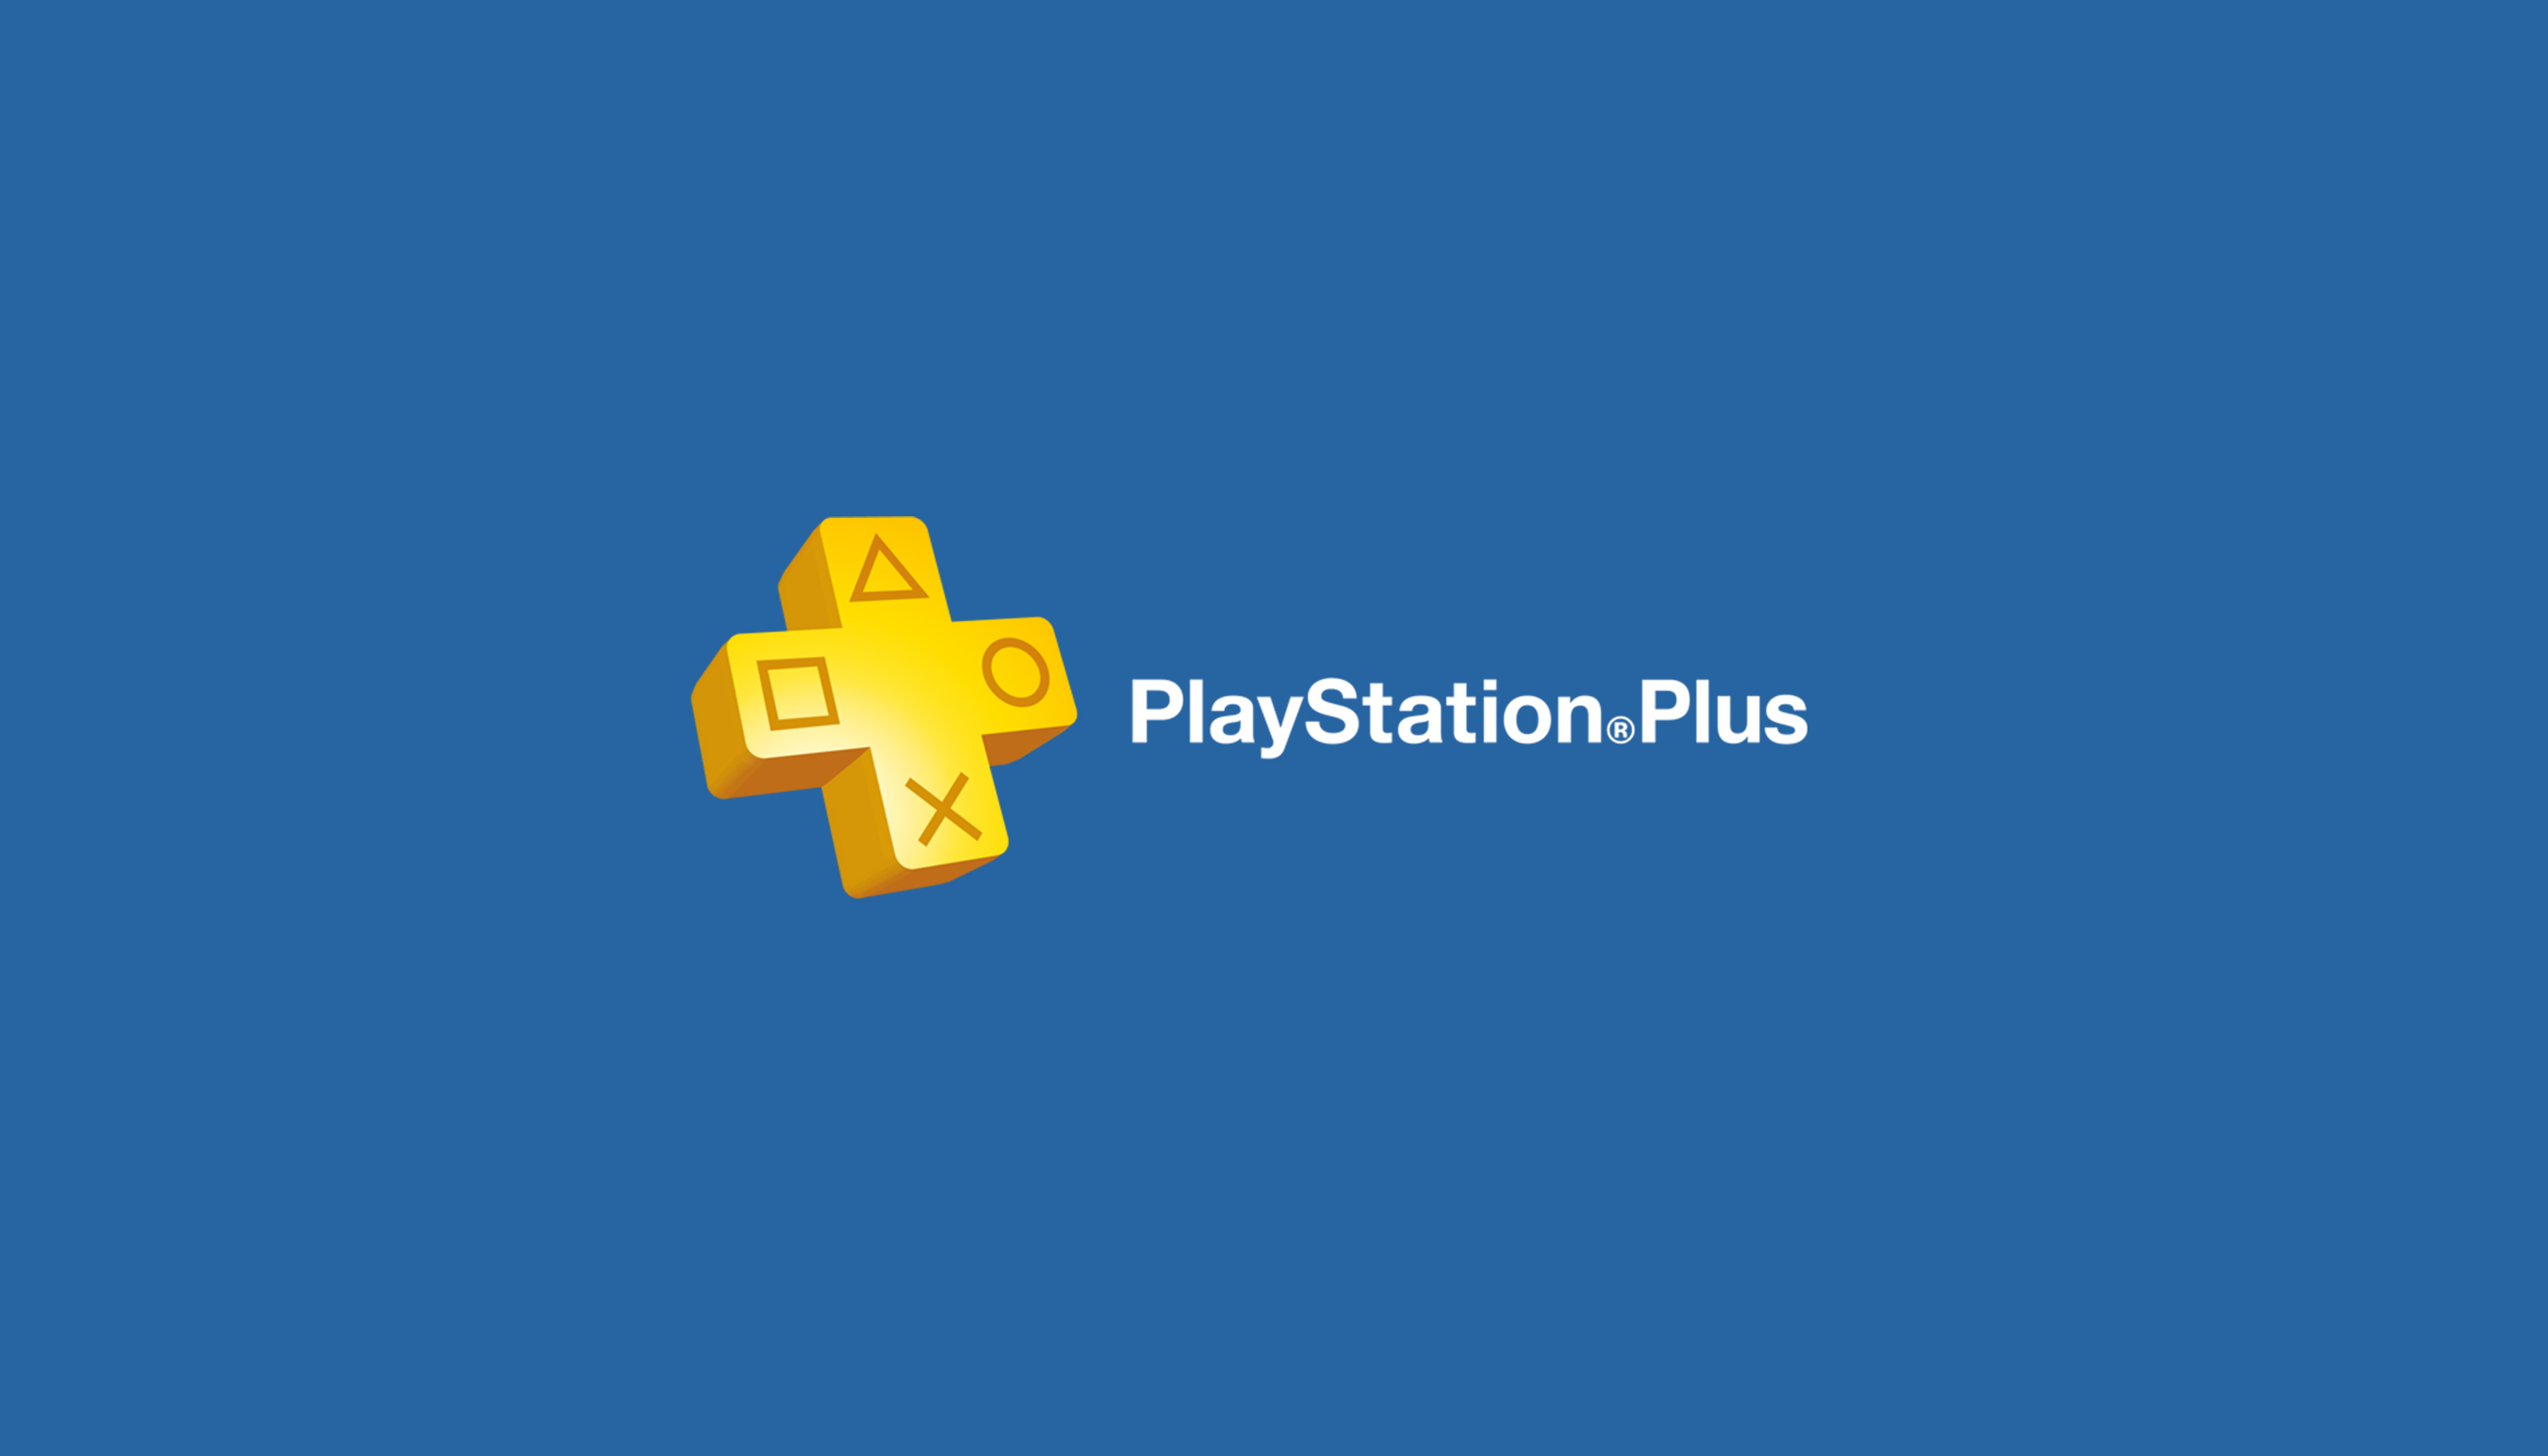 Nie tylko Call of Duty gracz żyje. Sony ujawniło drugą grę z czerwcowego PlayStation Plus 20